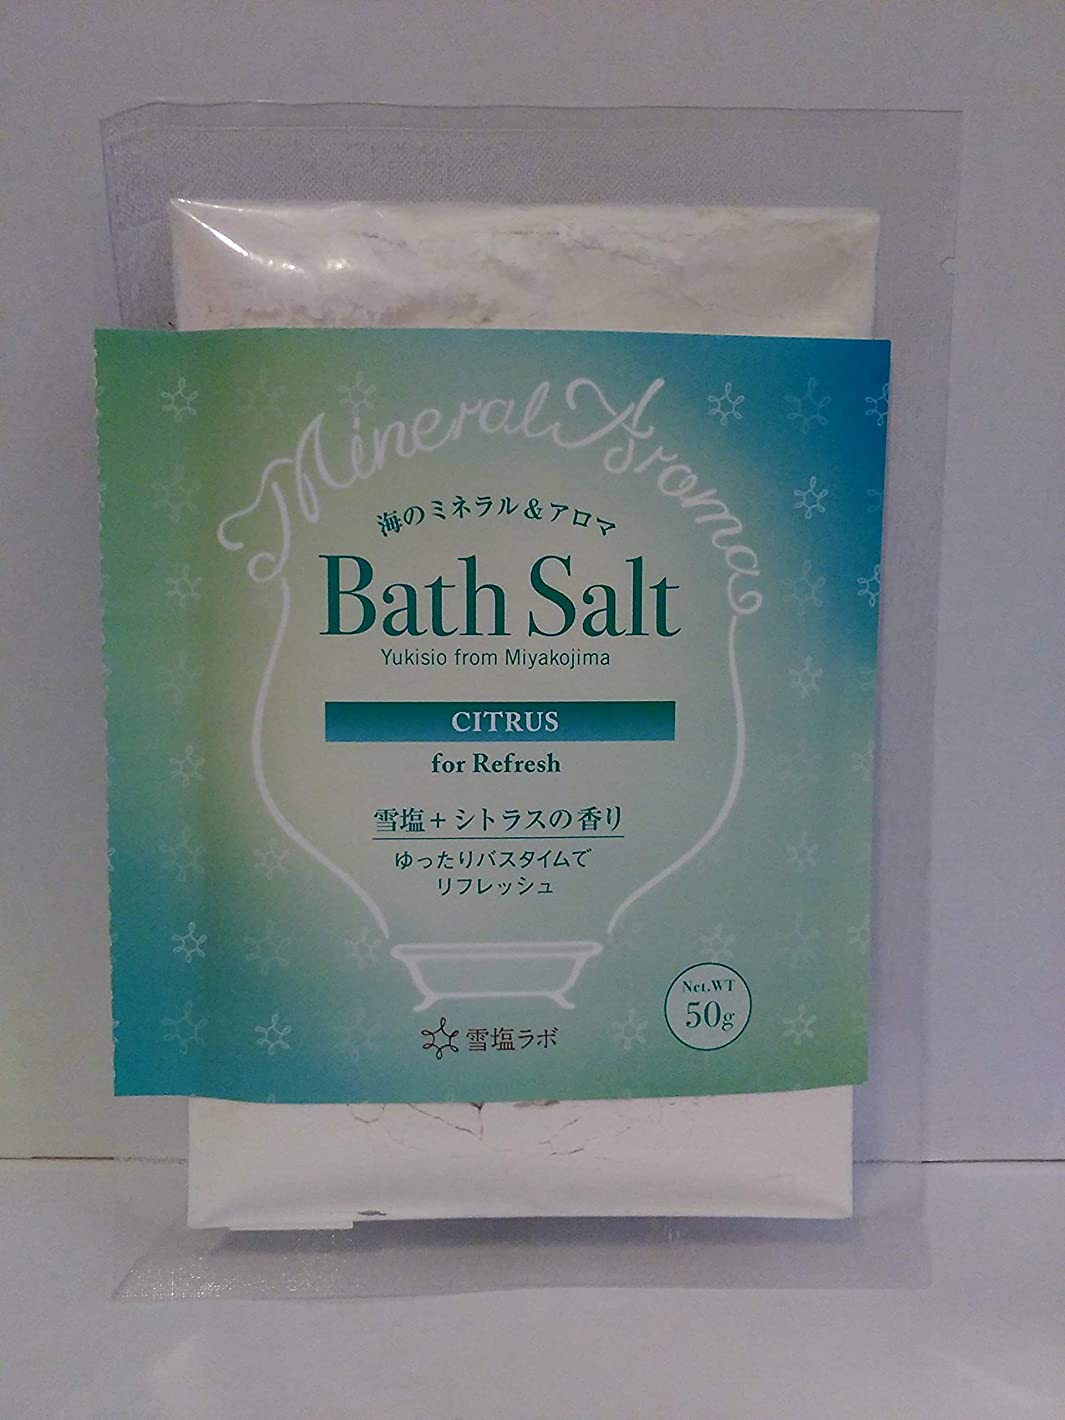 陽気なヒロイック哀れな海のミネラル&アロマ Bath Salt 雪塩+シトラスの香り